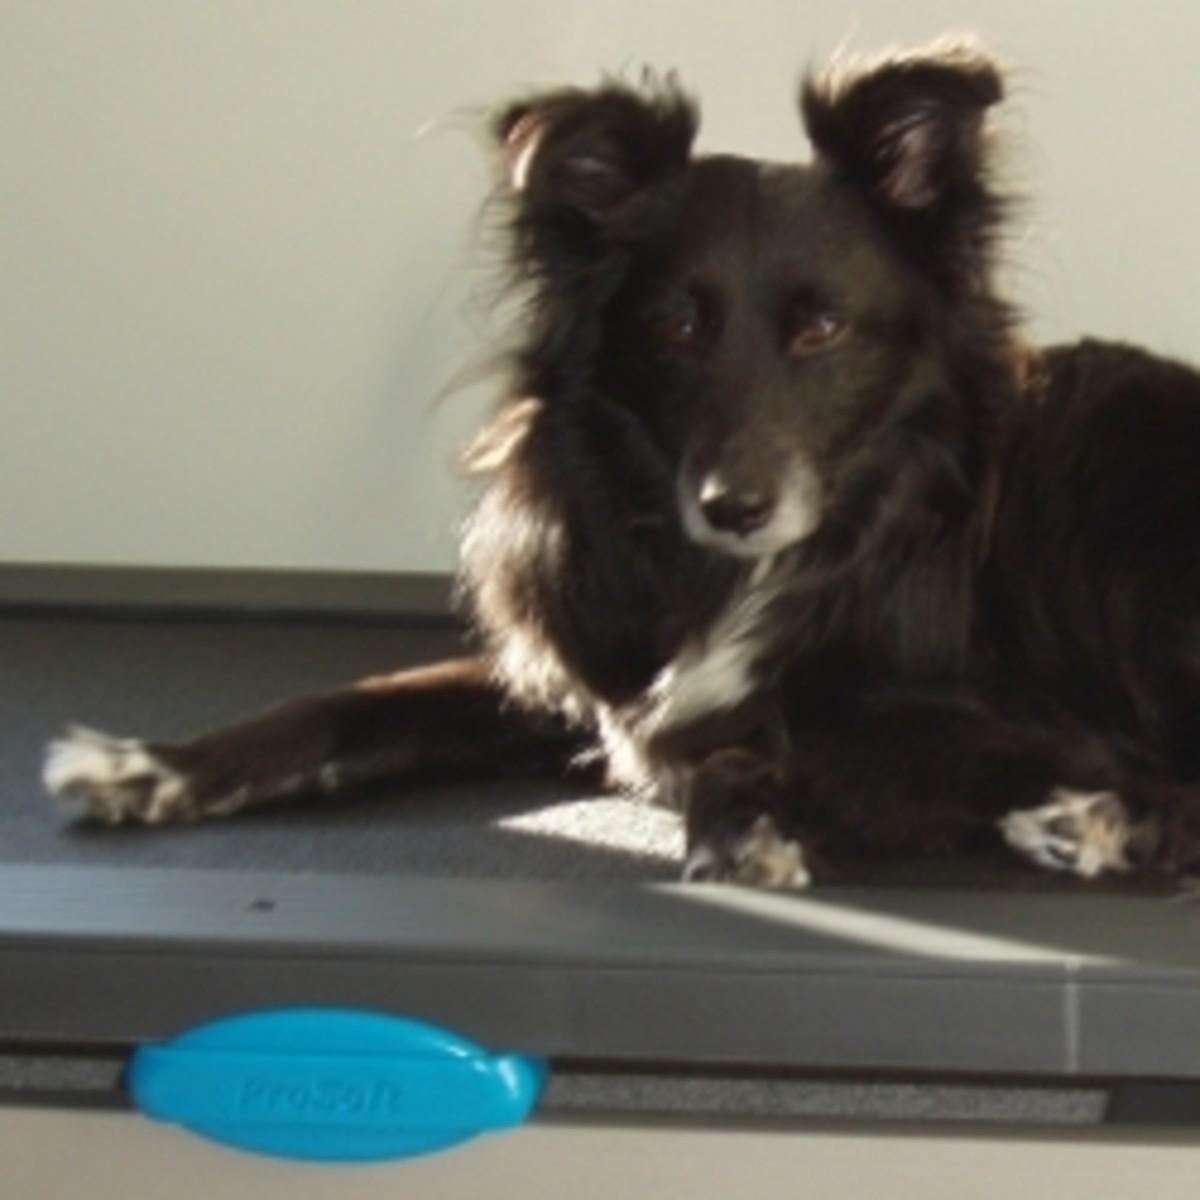 Can You Teach A Dog To Walk On A Treadmill